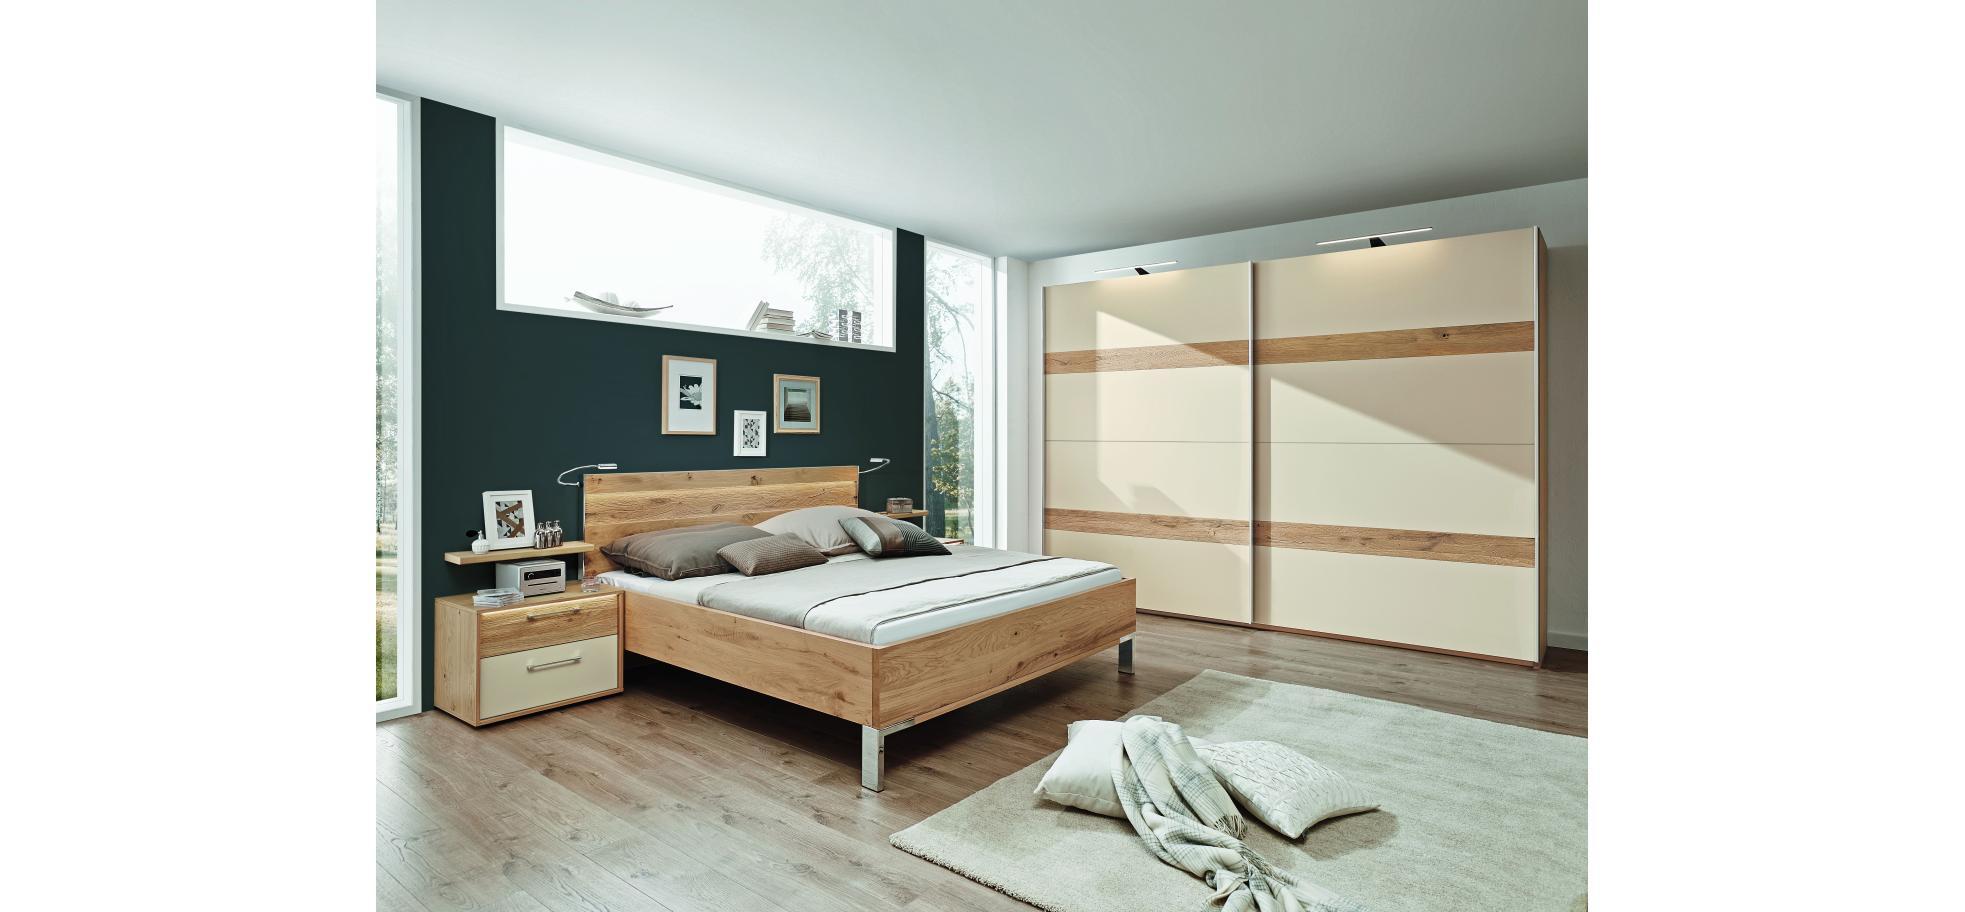 Schlafzimmer in Eiche furniert und Lack Sand   Möbelhaus Pohl ...